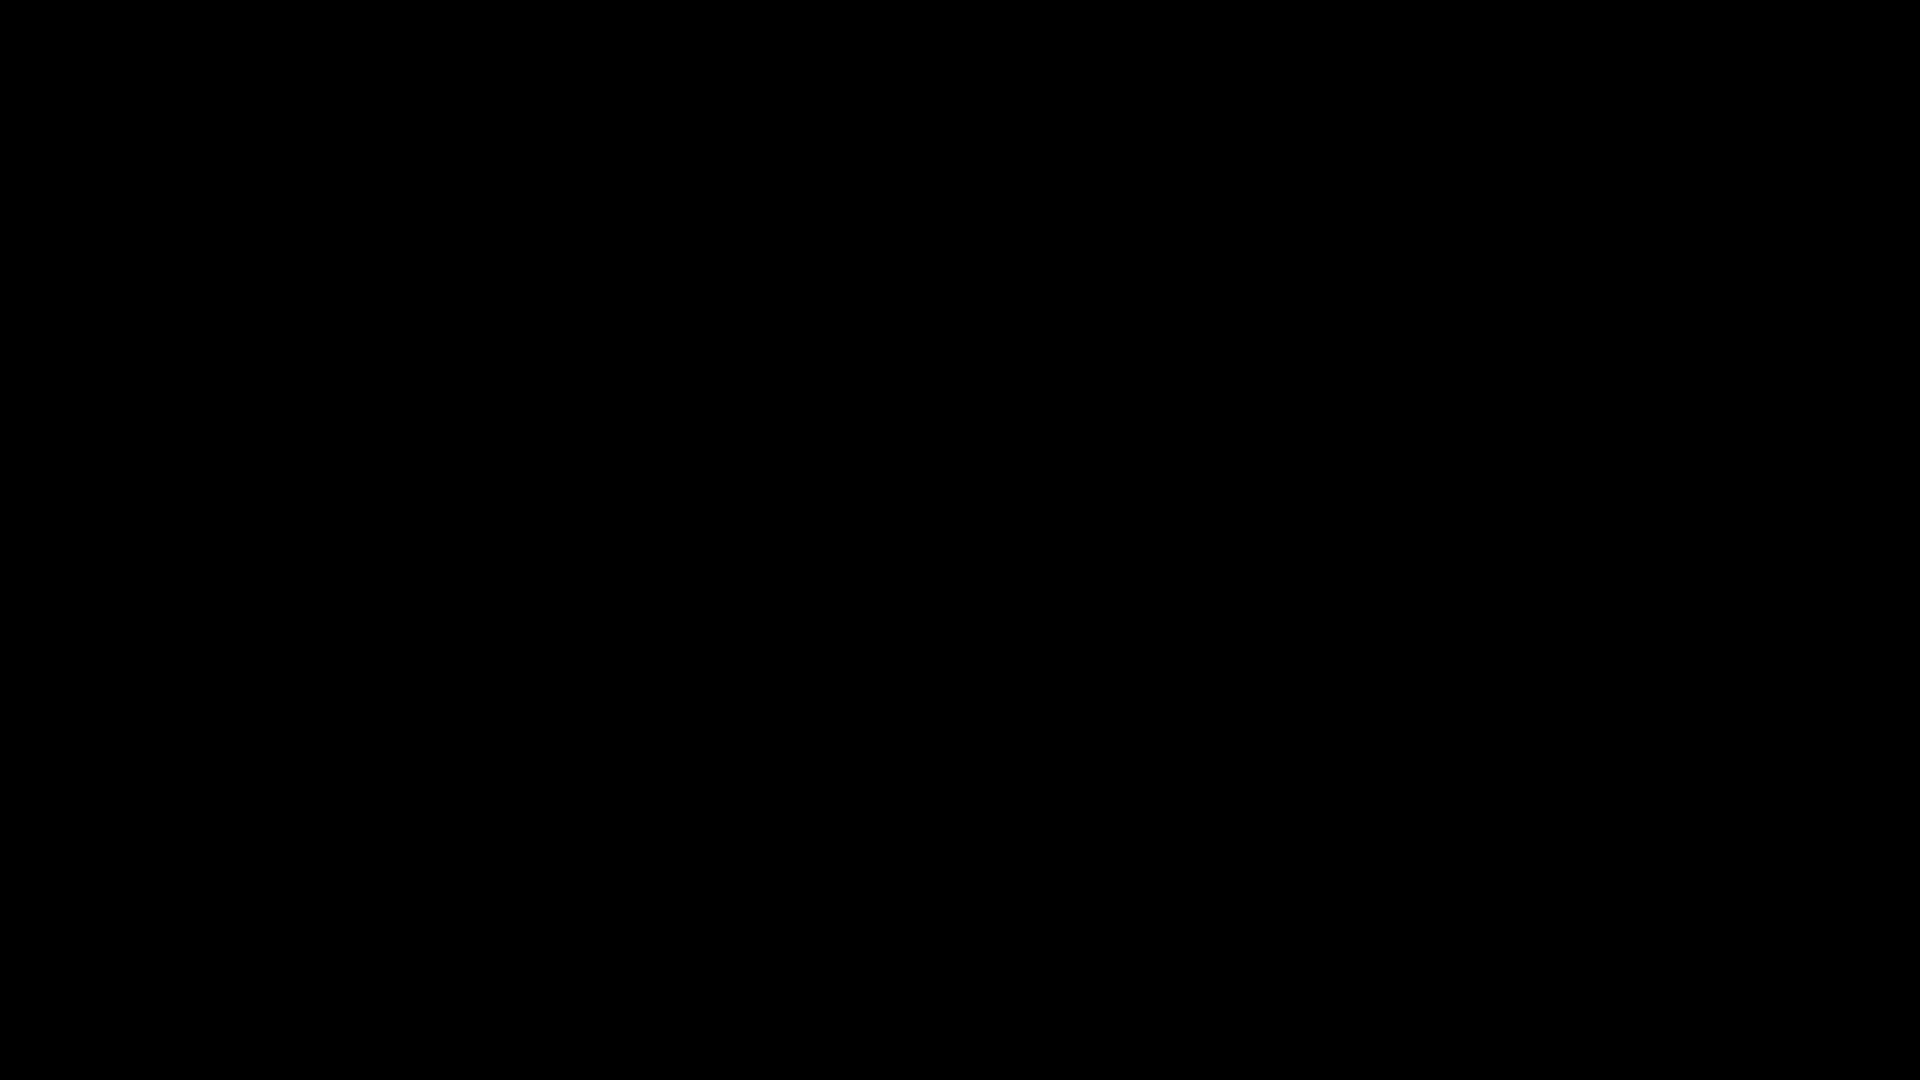 Dễ Dàng Lắp Ráp Panel Thép Không Gỉ Vườn Đổ Công Cụ Kit Lưu Trữ Nhà Với Phẳng Dồn Nén Mái Nhà Và Đôi Cửa Trượt